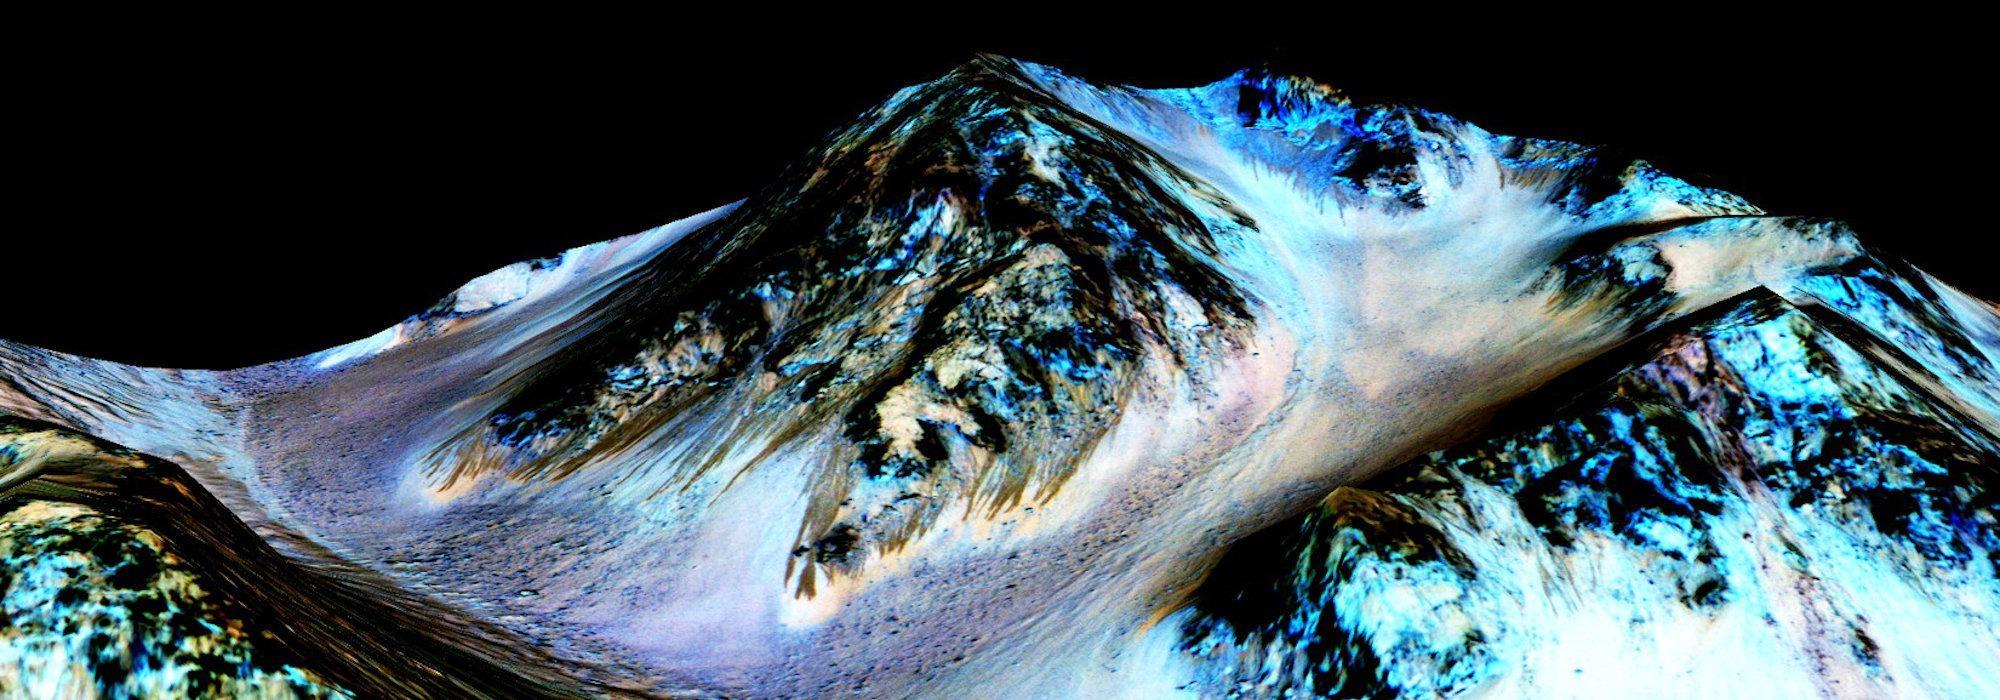 Mars'ta bulunan su hayatın habercisi mi?